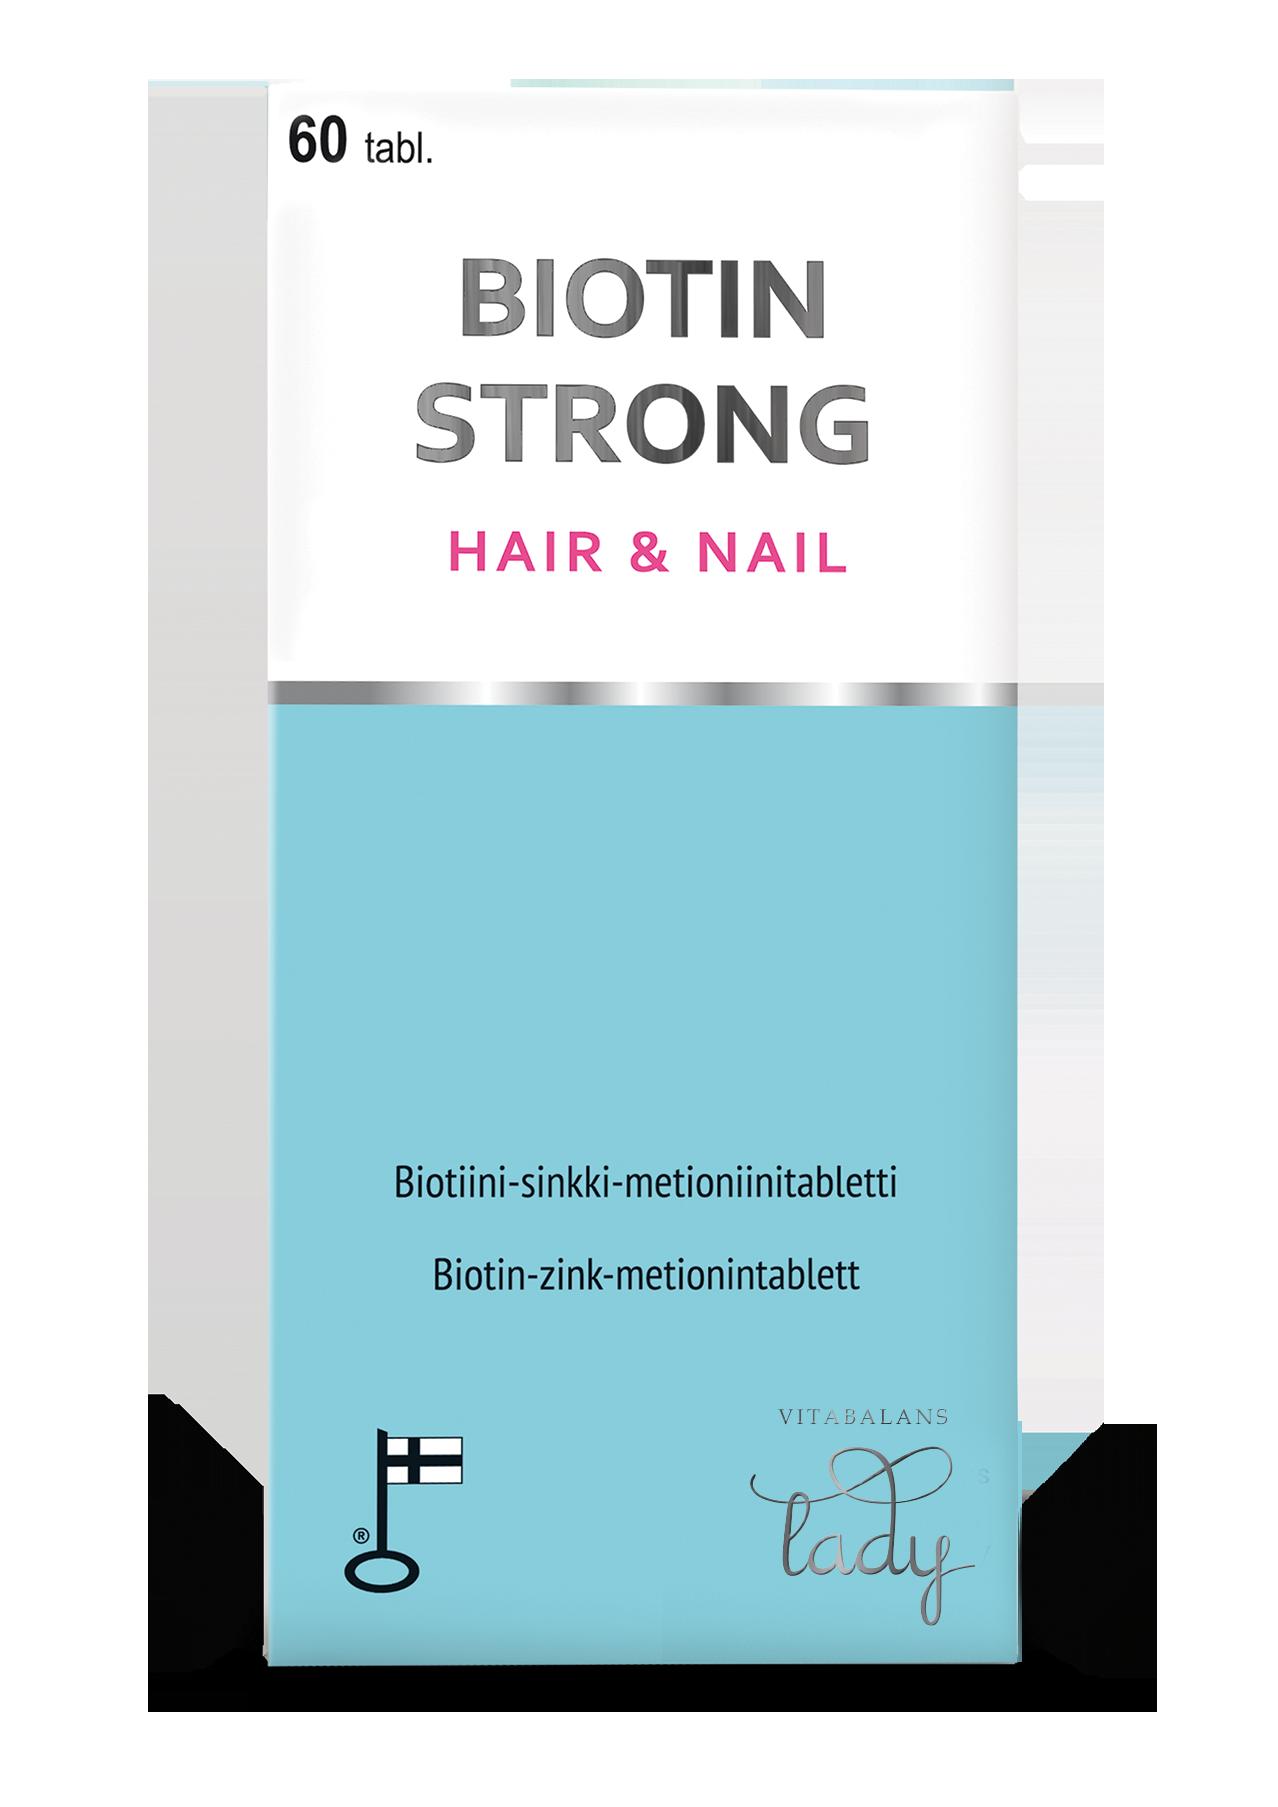 Biotin Strong_brandsite_2020-01